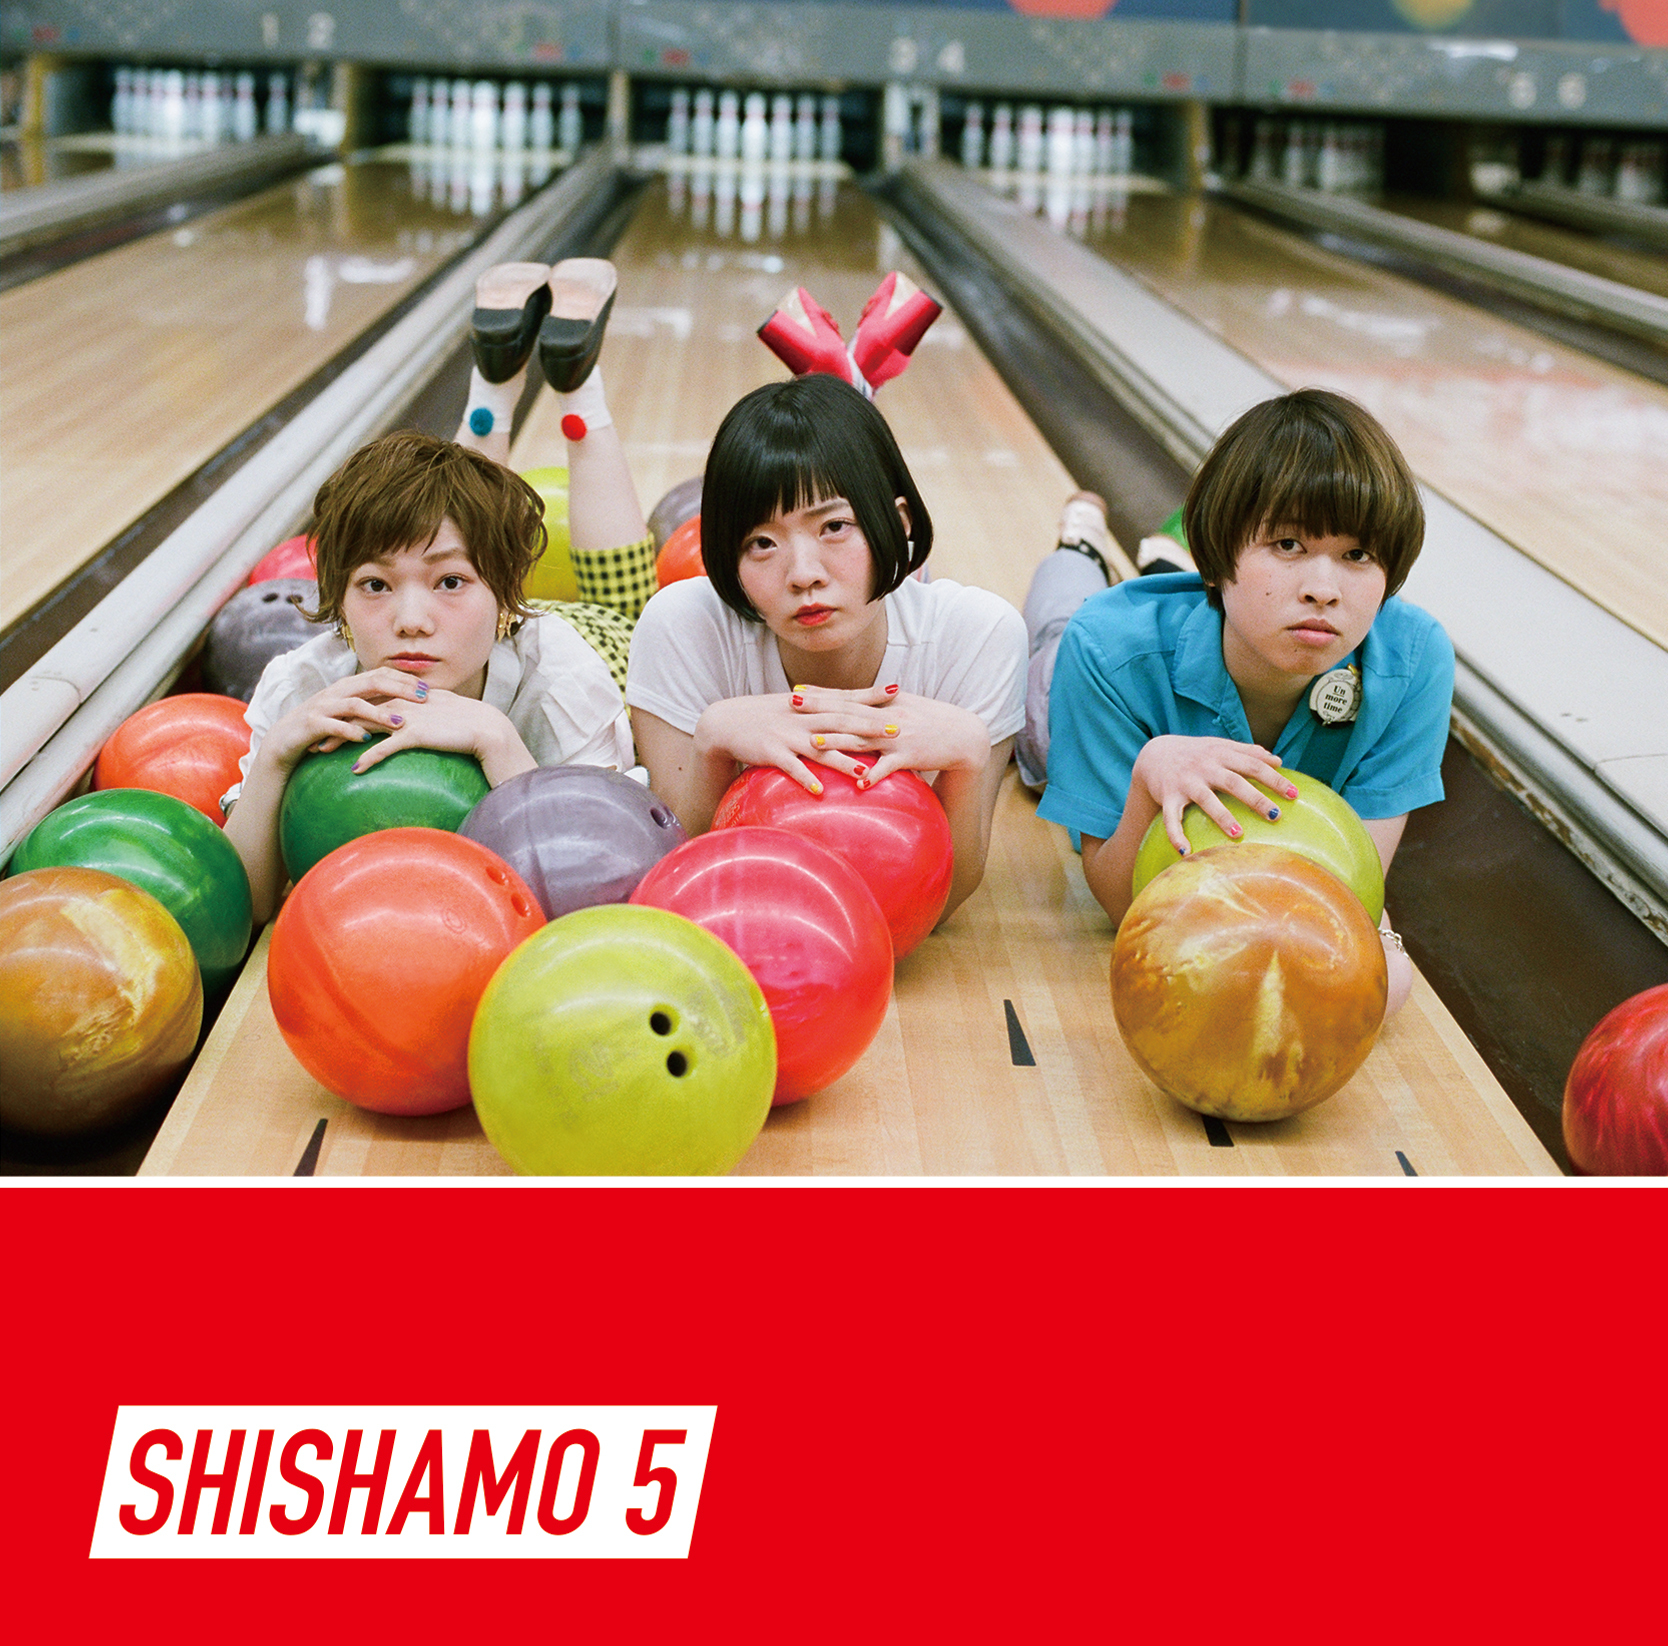 『SHISHAMO 5』